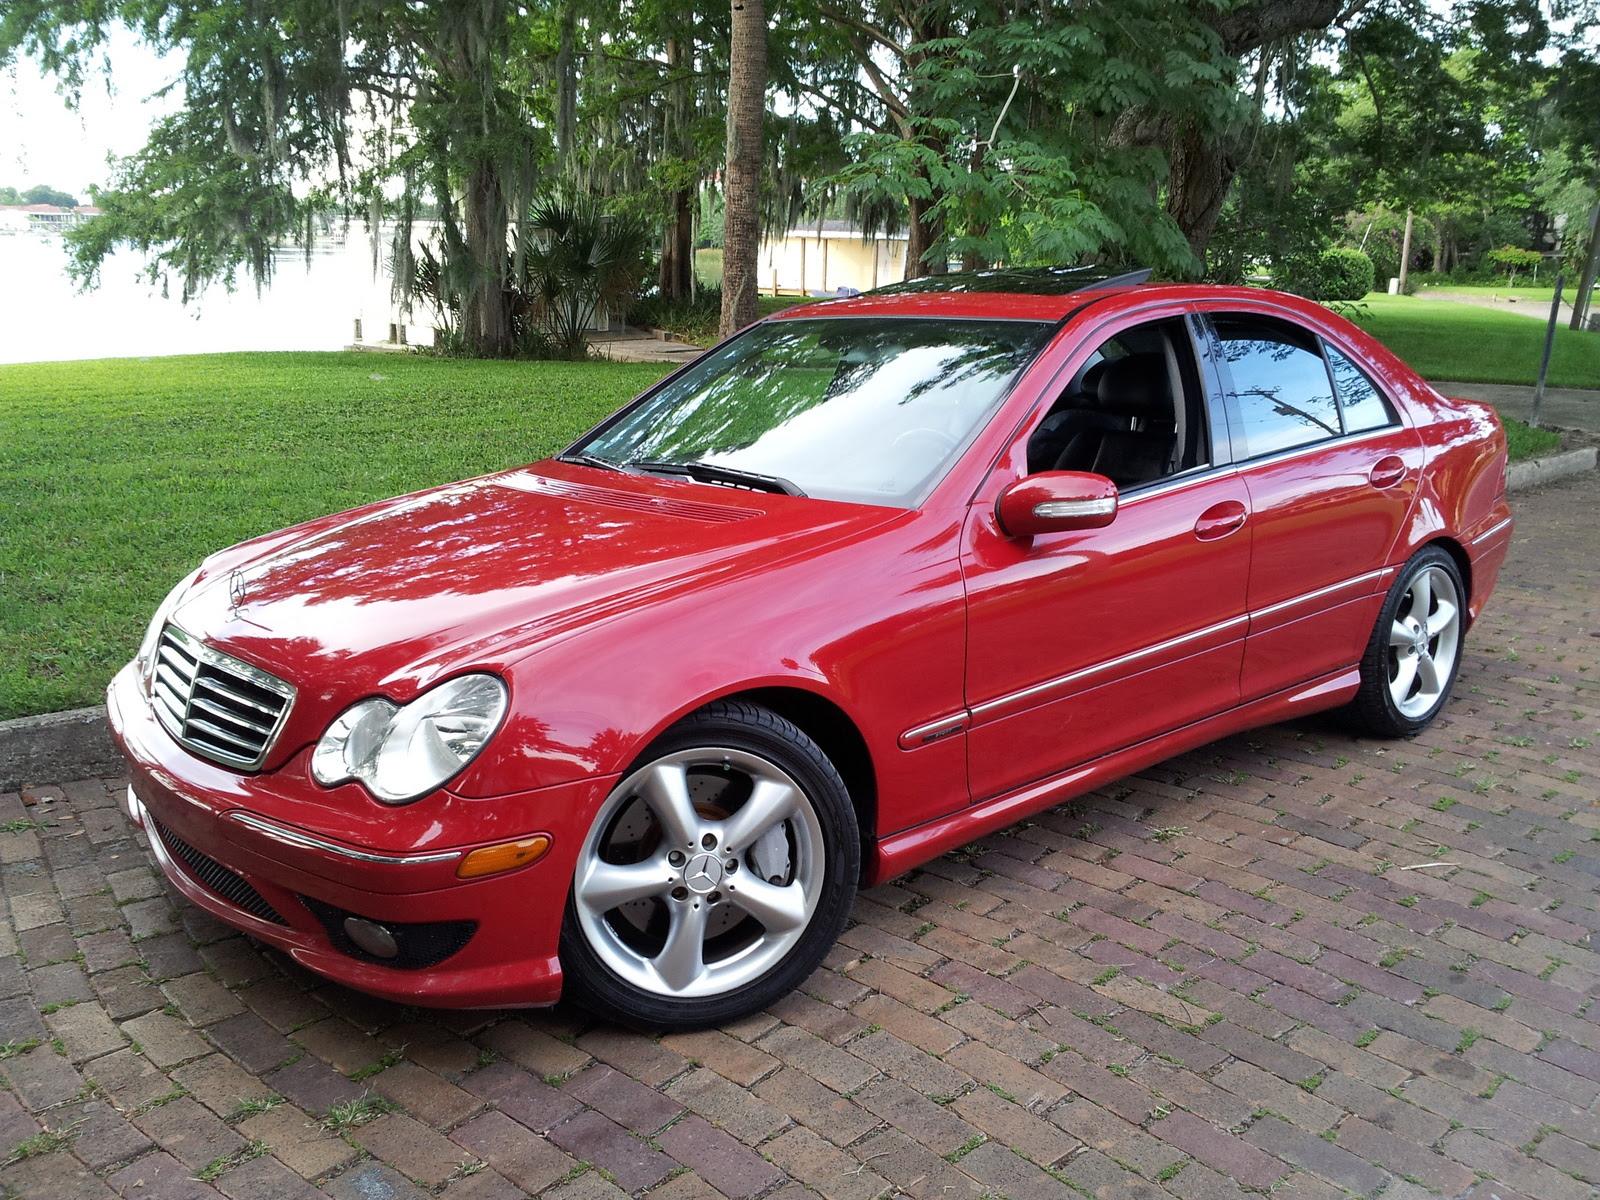 2005 Mercedes-Benz C-Class - Exterior Pictures - CarGurus